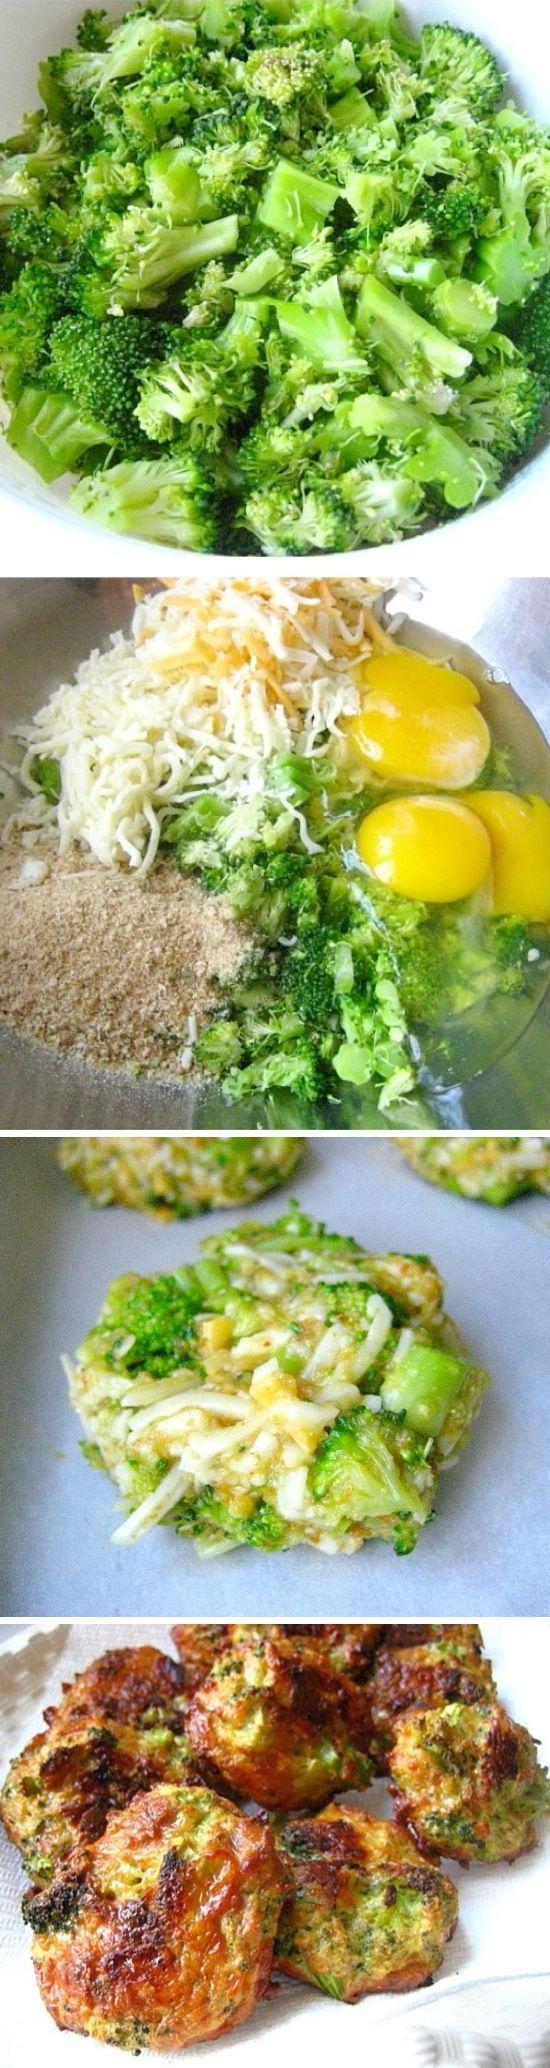 brokoli hasla, uzerine yumurta galeta unu, sarimsak kasar koy sekil ver ve kizart